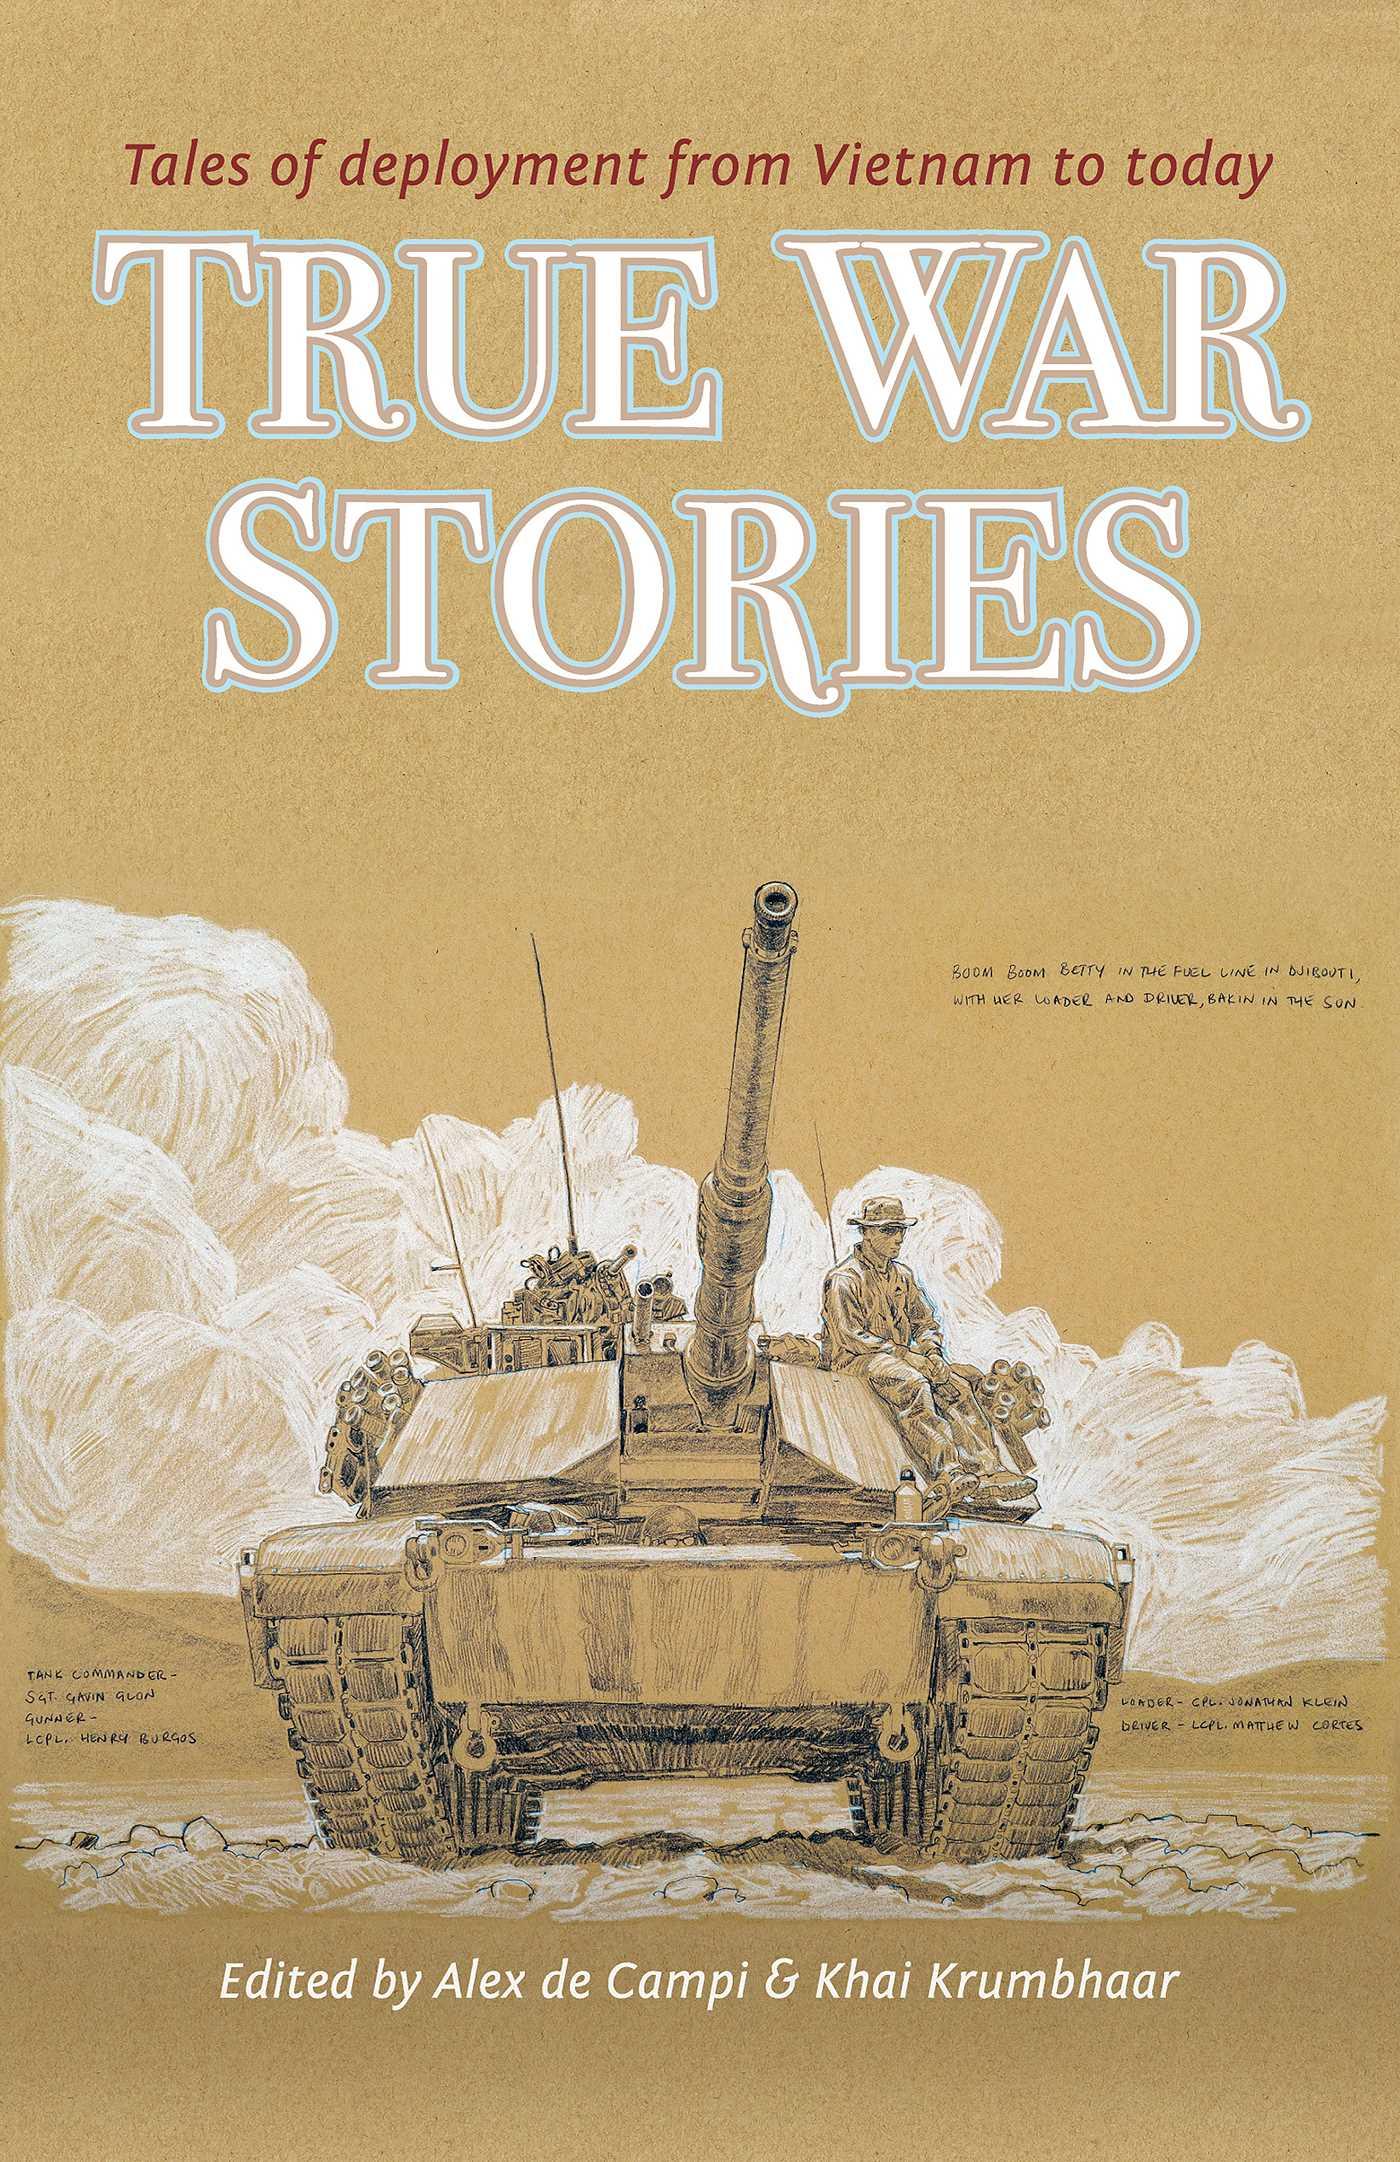 True War Stories